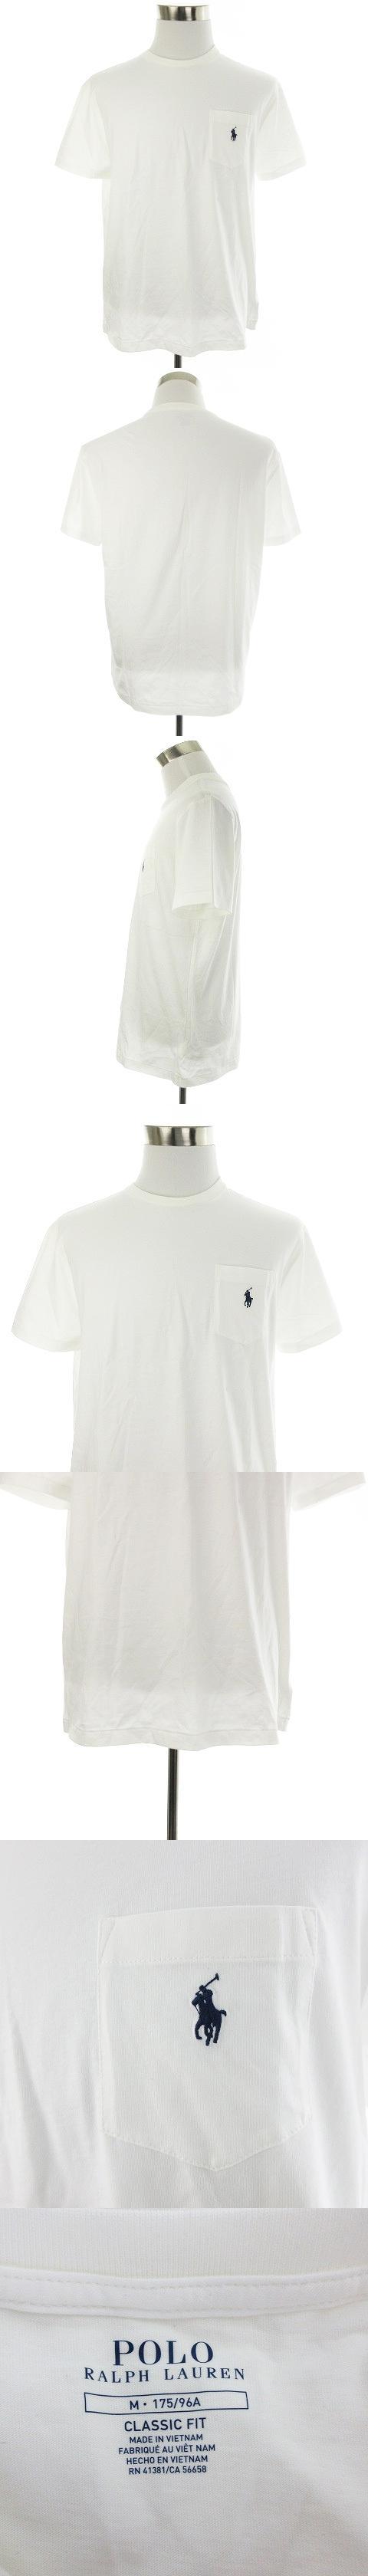 Tシャツ カットソー 半袖 クルーネック 薄手 コットン 刺繍 ロゴ ワンポイント M 白 ホワイト トップス /M2